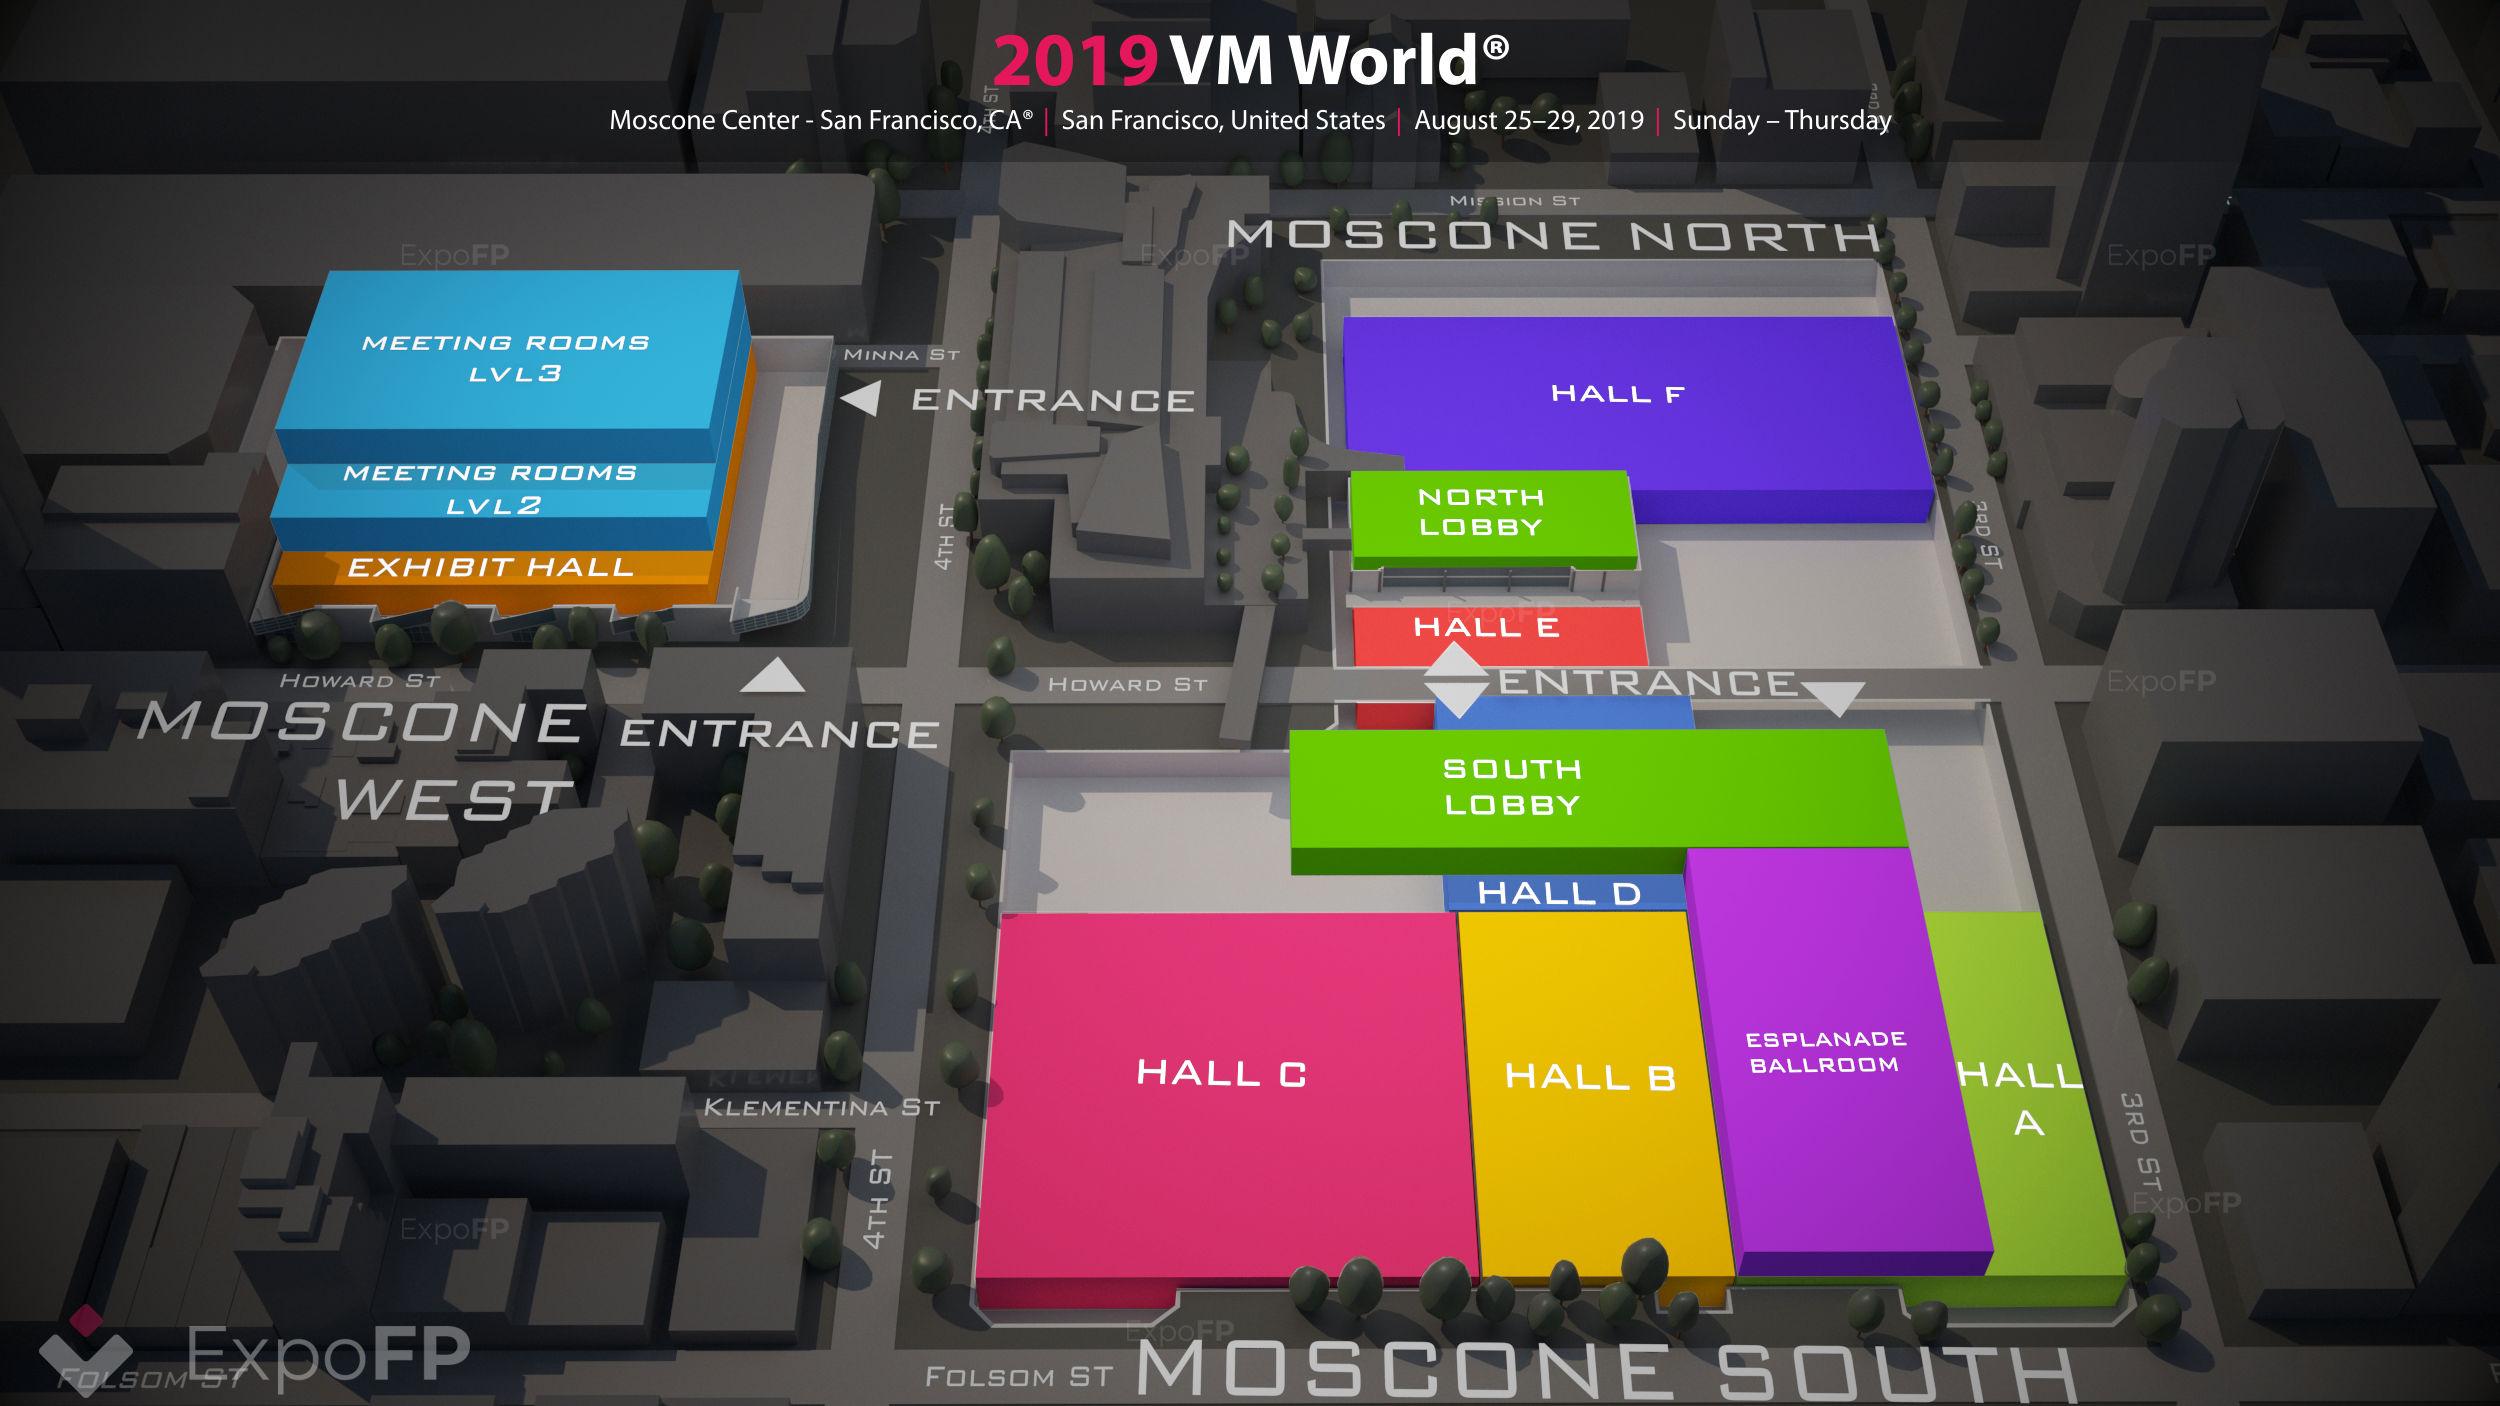 VM World 2019 3D floor plan